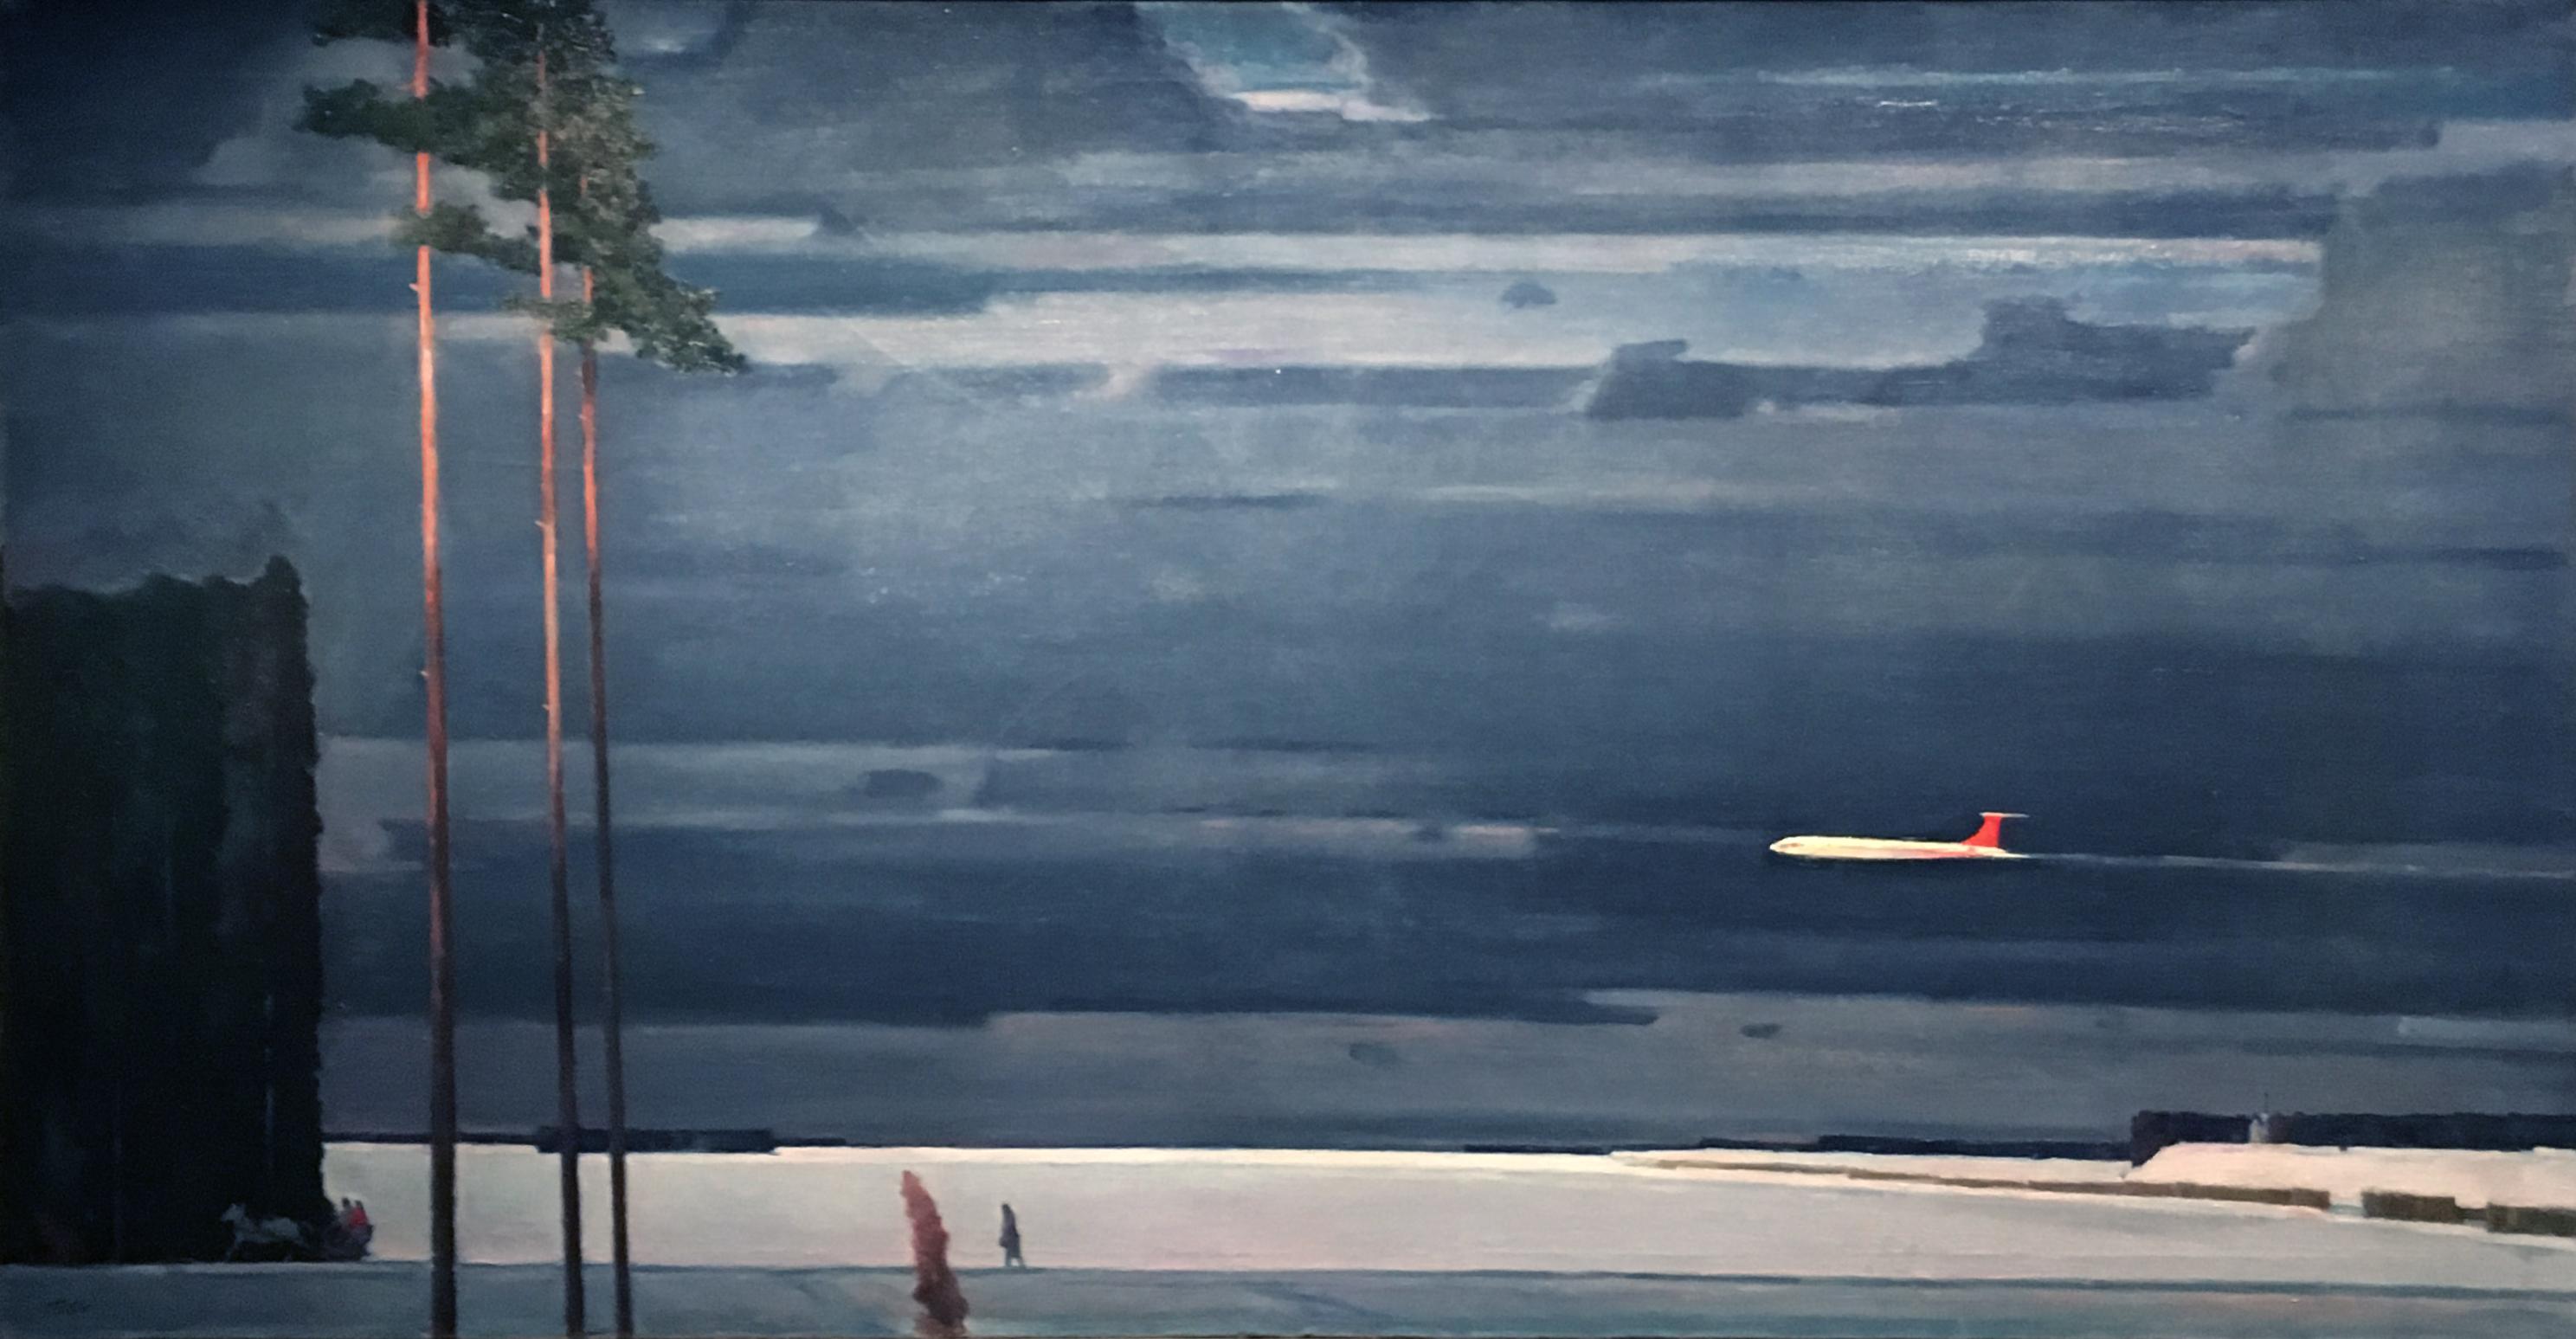 Георгий Нисский Над снегами картина маслом пейзажи природы Альберт Сафиуллин